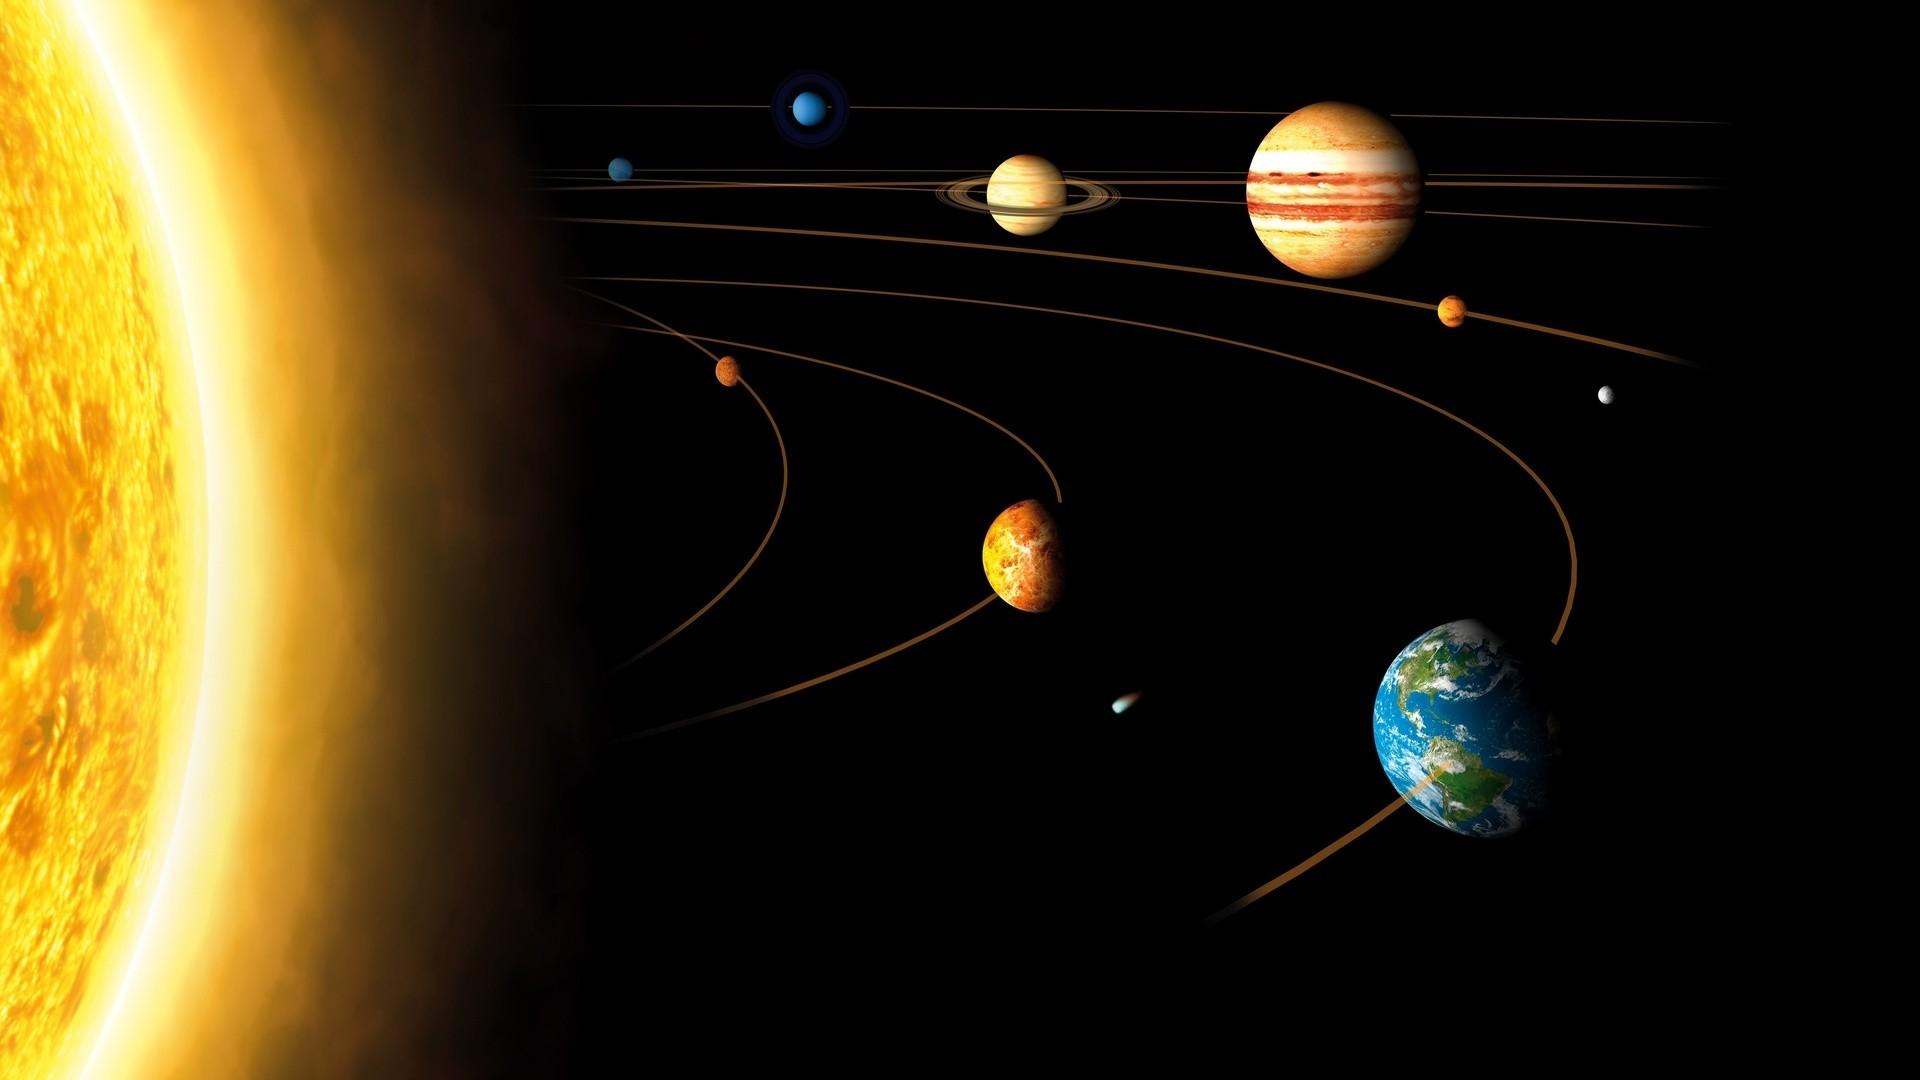 Solar System PC Wallpaper